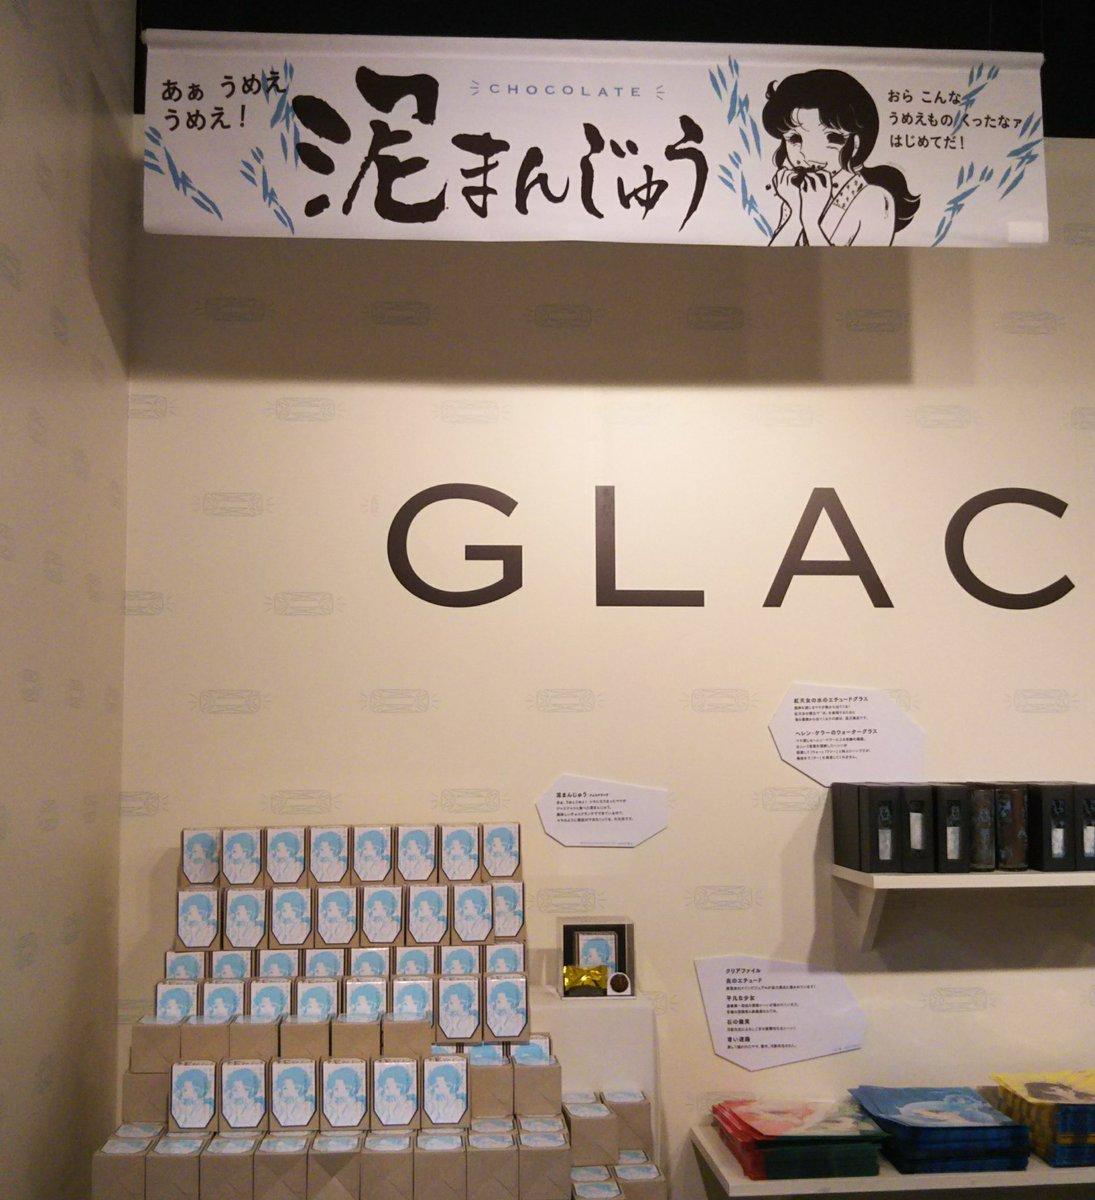 こんなん買うだろ(買った) #ガラスの仮面展 #ガラスの仮面 #松屋銀座